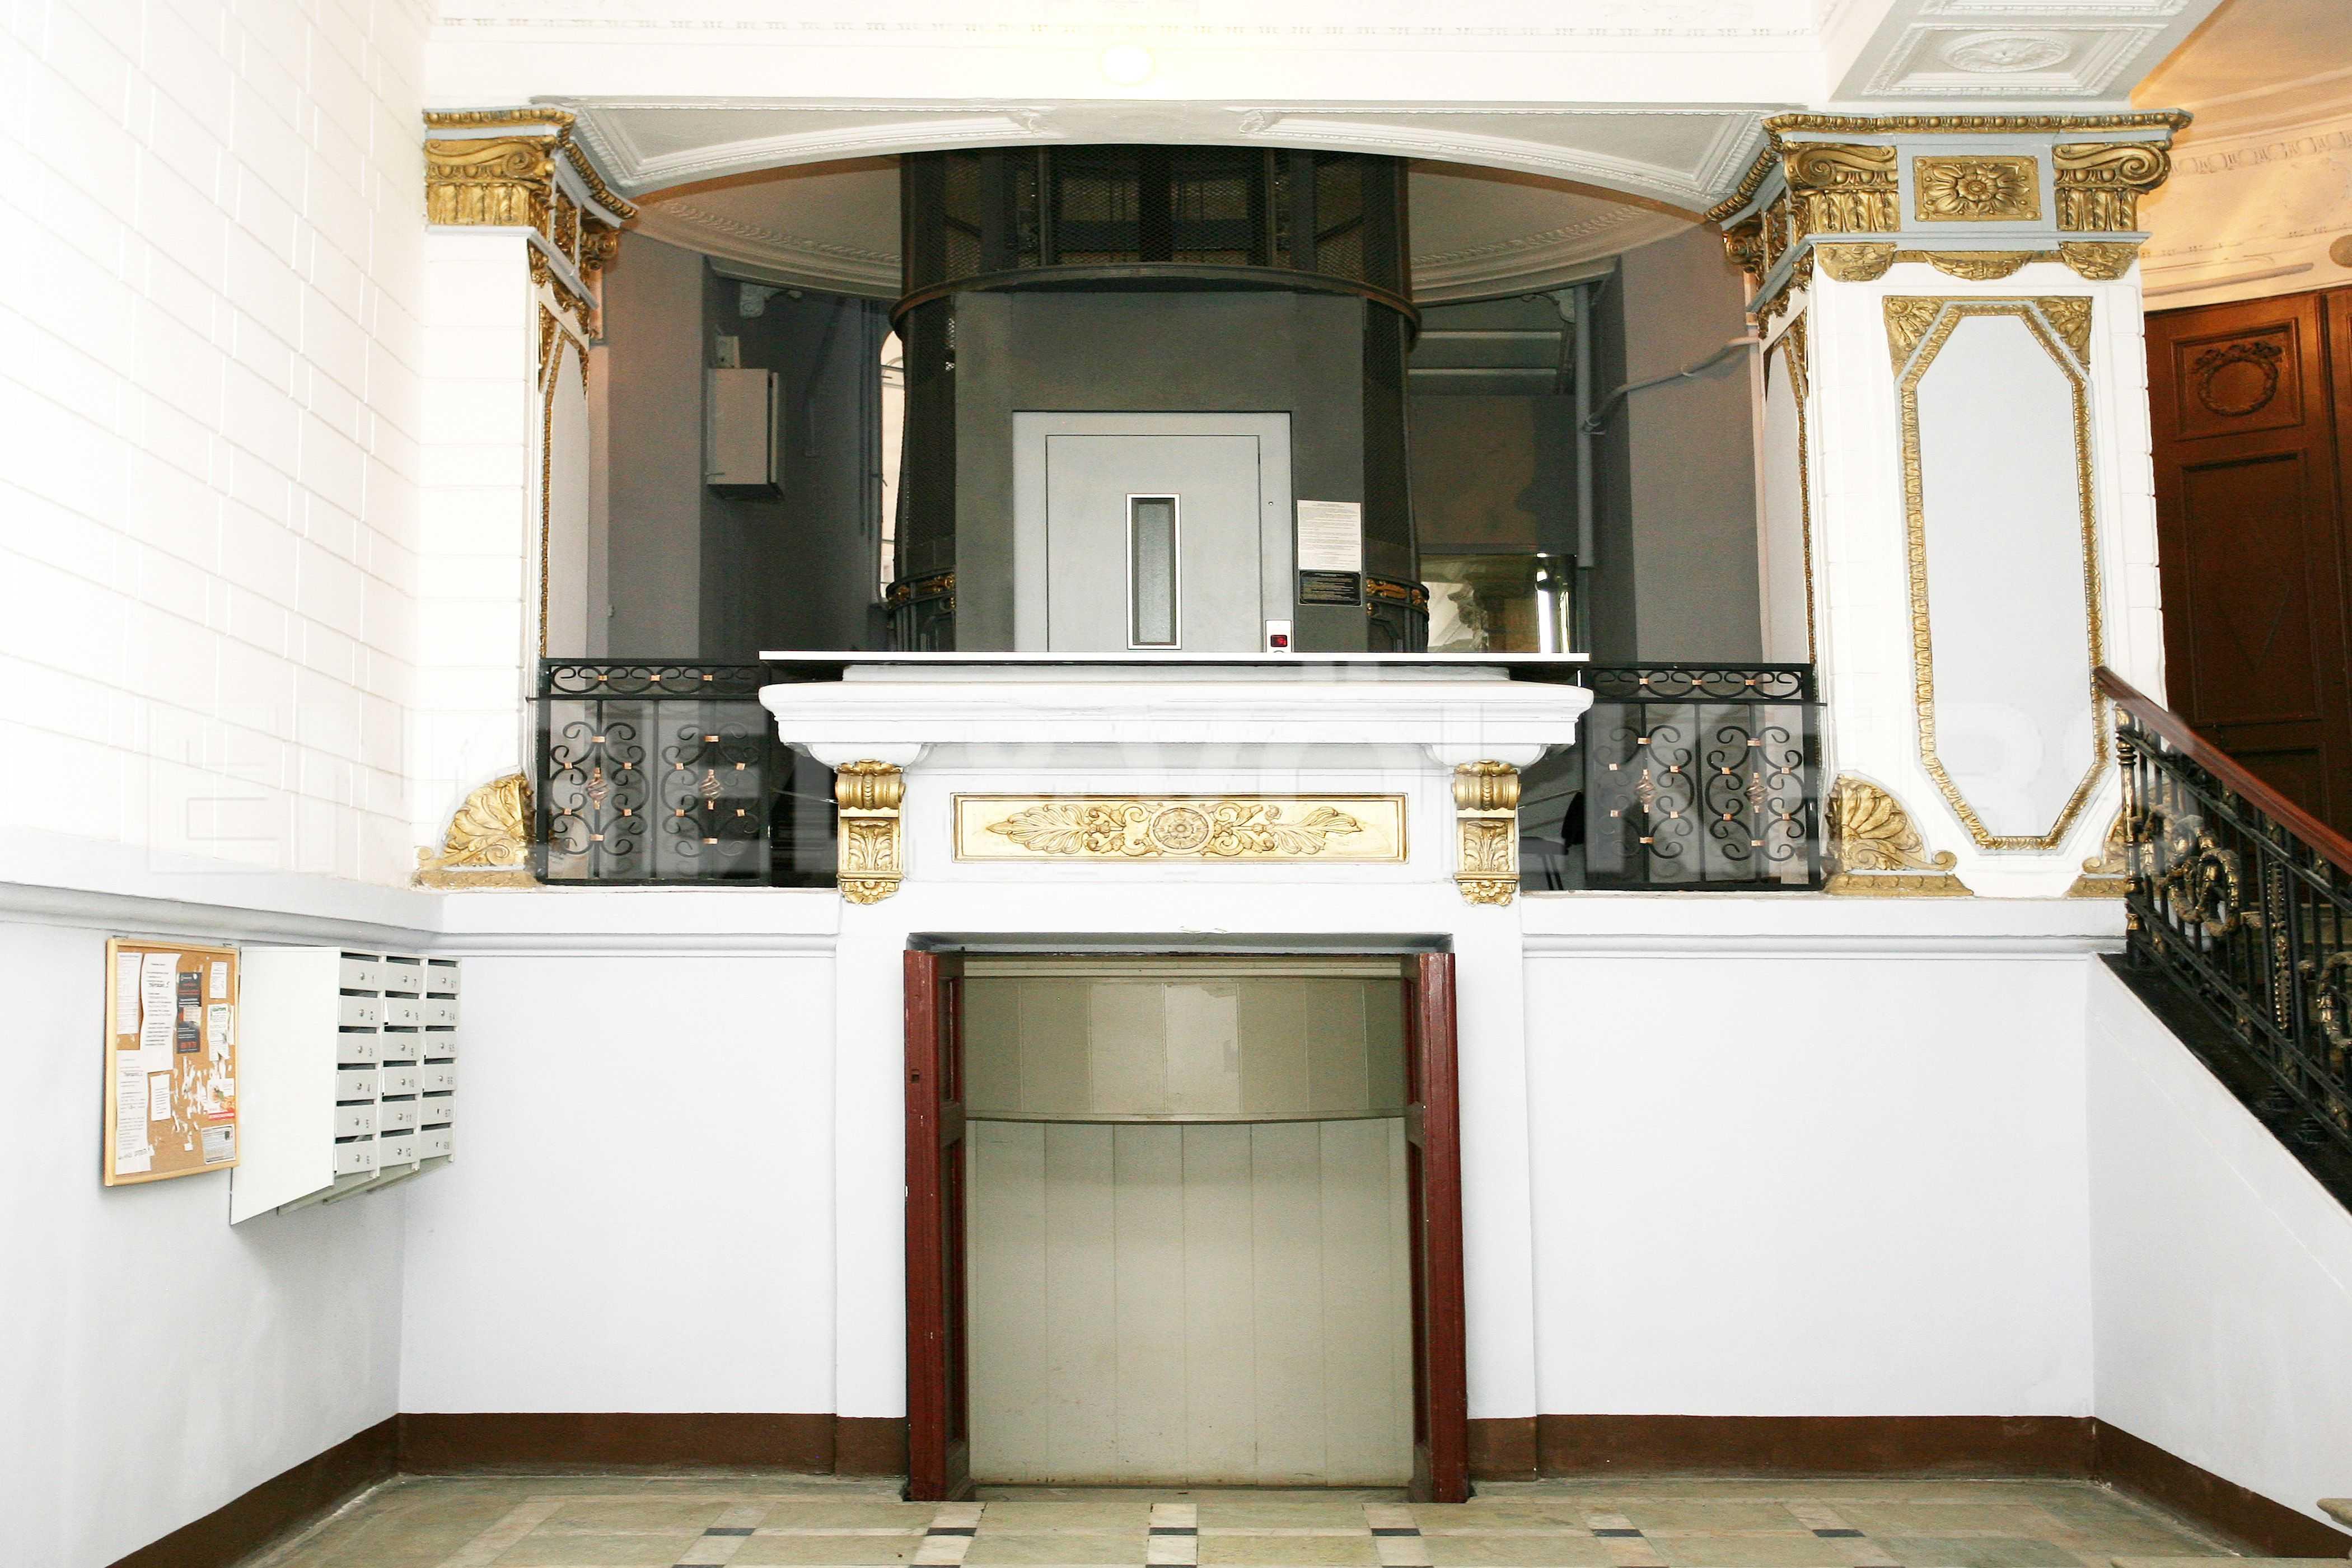 Элитные квартиры в Центральном районе. Санкт-Петербург, Таврическая, 5. Парадный вход с отреставрированным лифтом